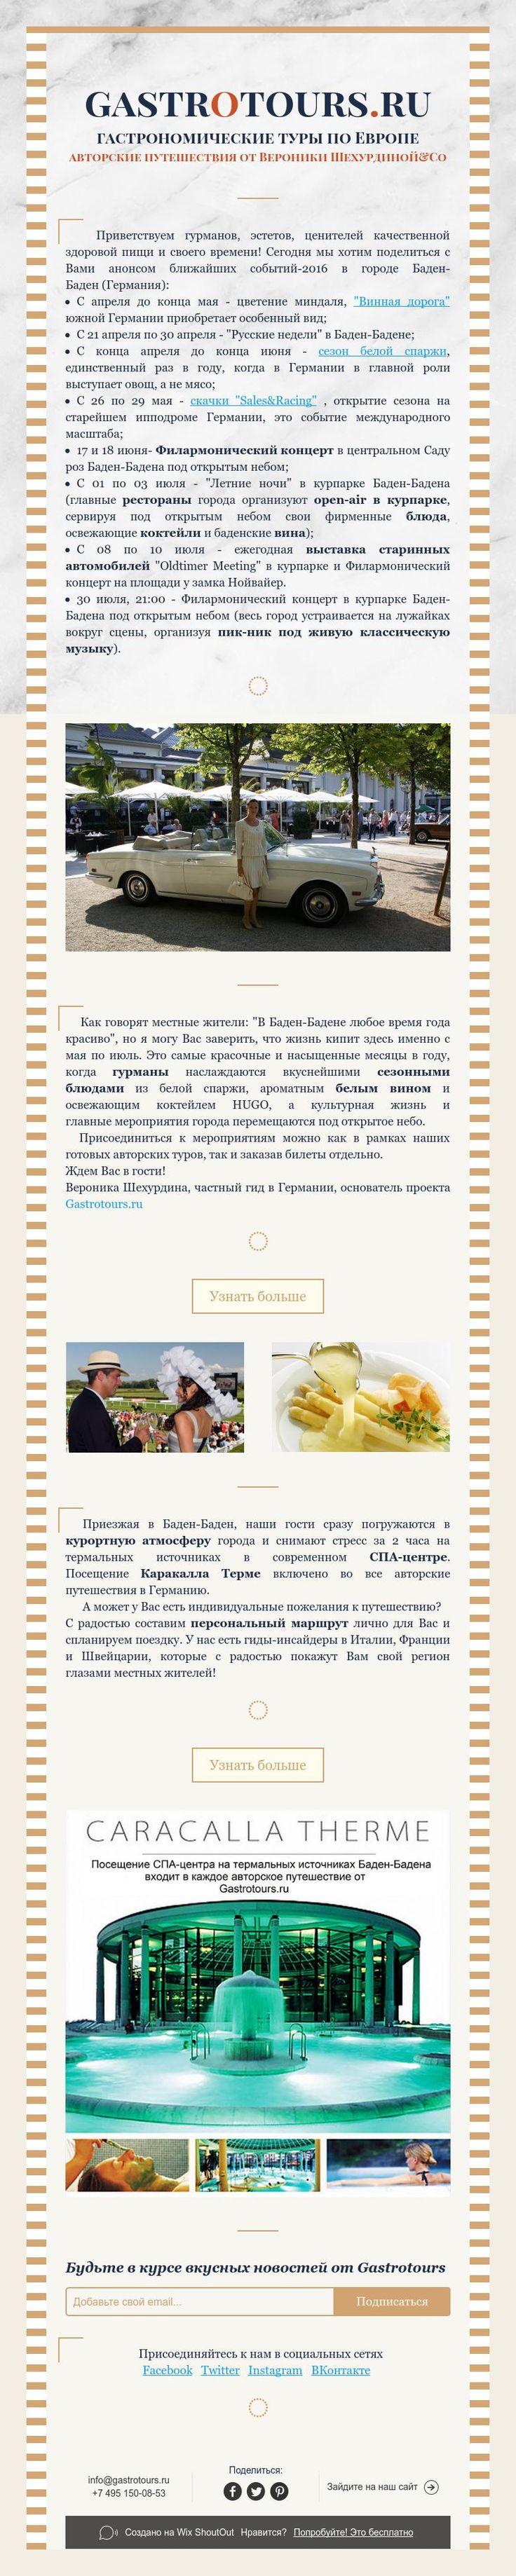 Авторские гастрономические туры по Европе от Вероники Шехурдиной&Co